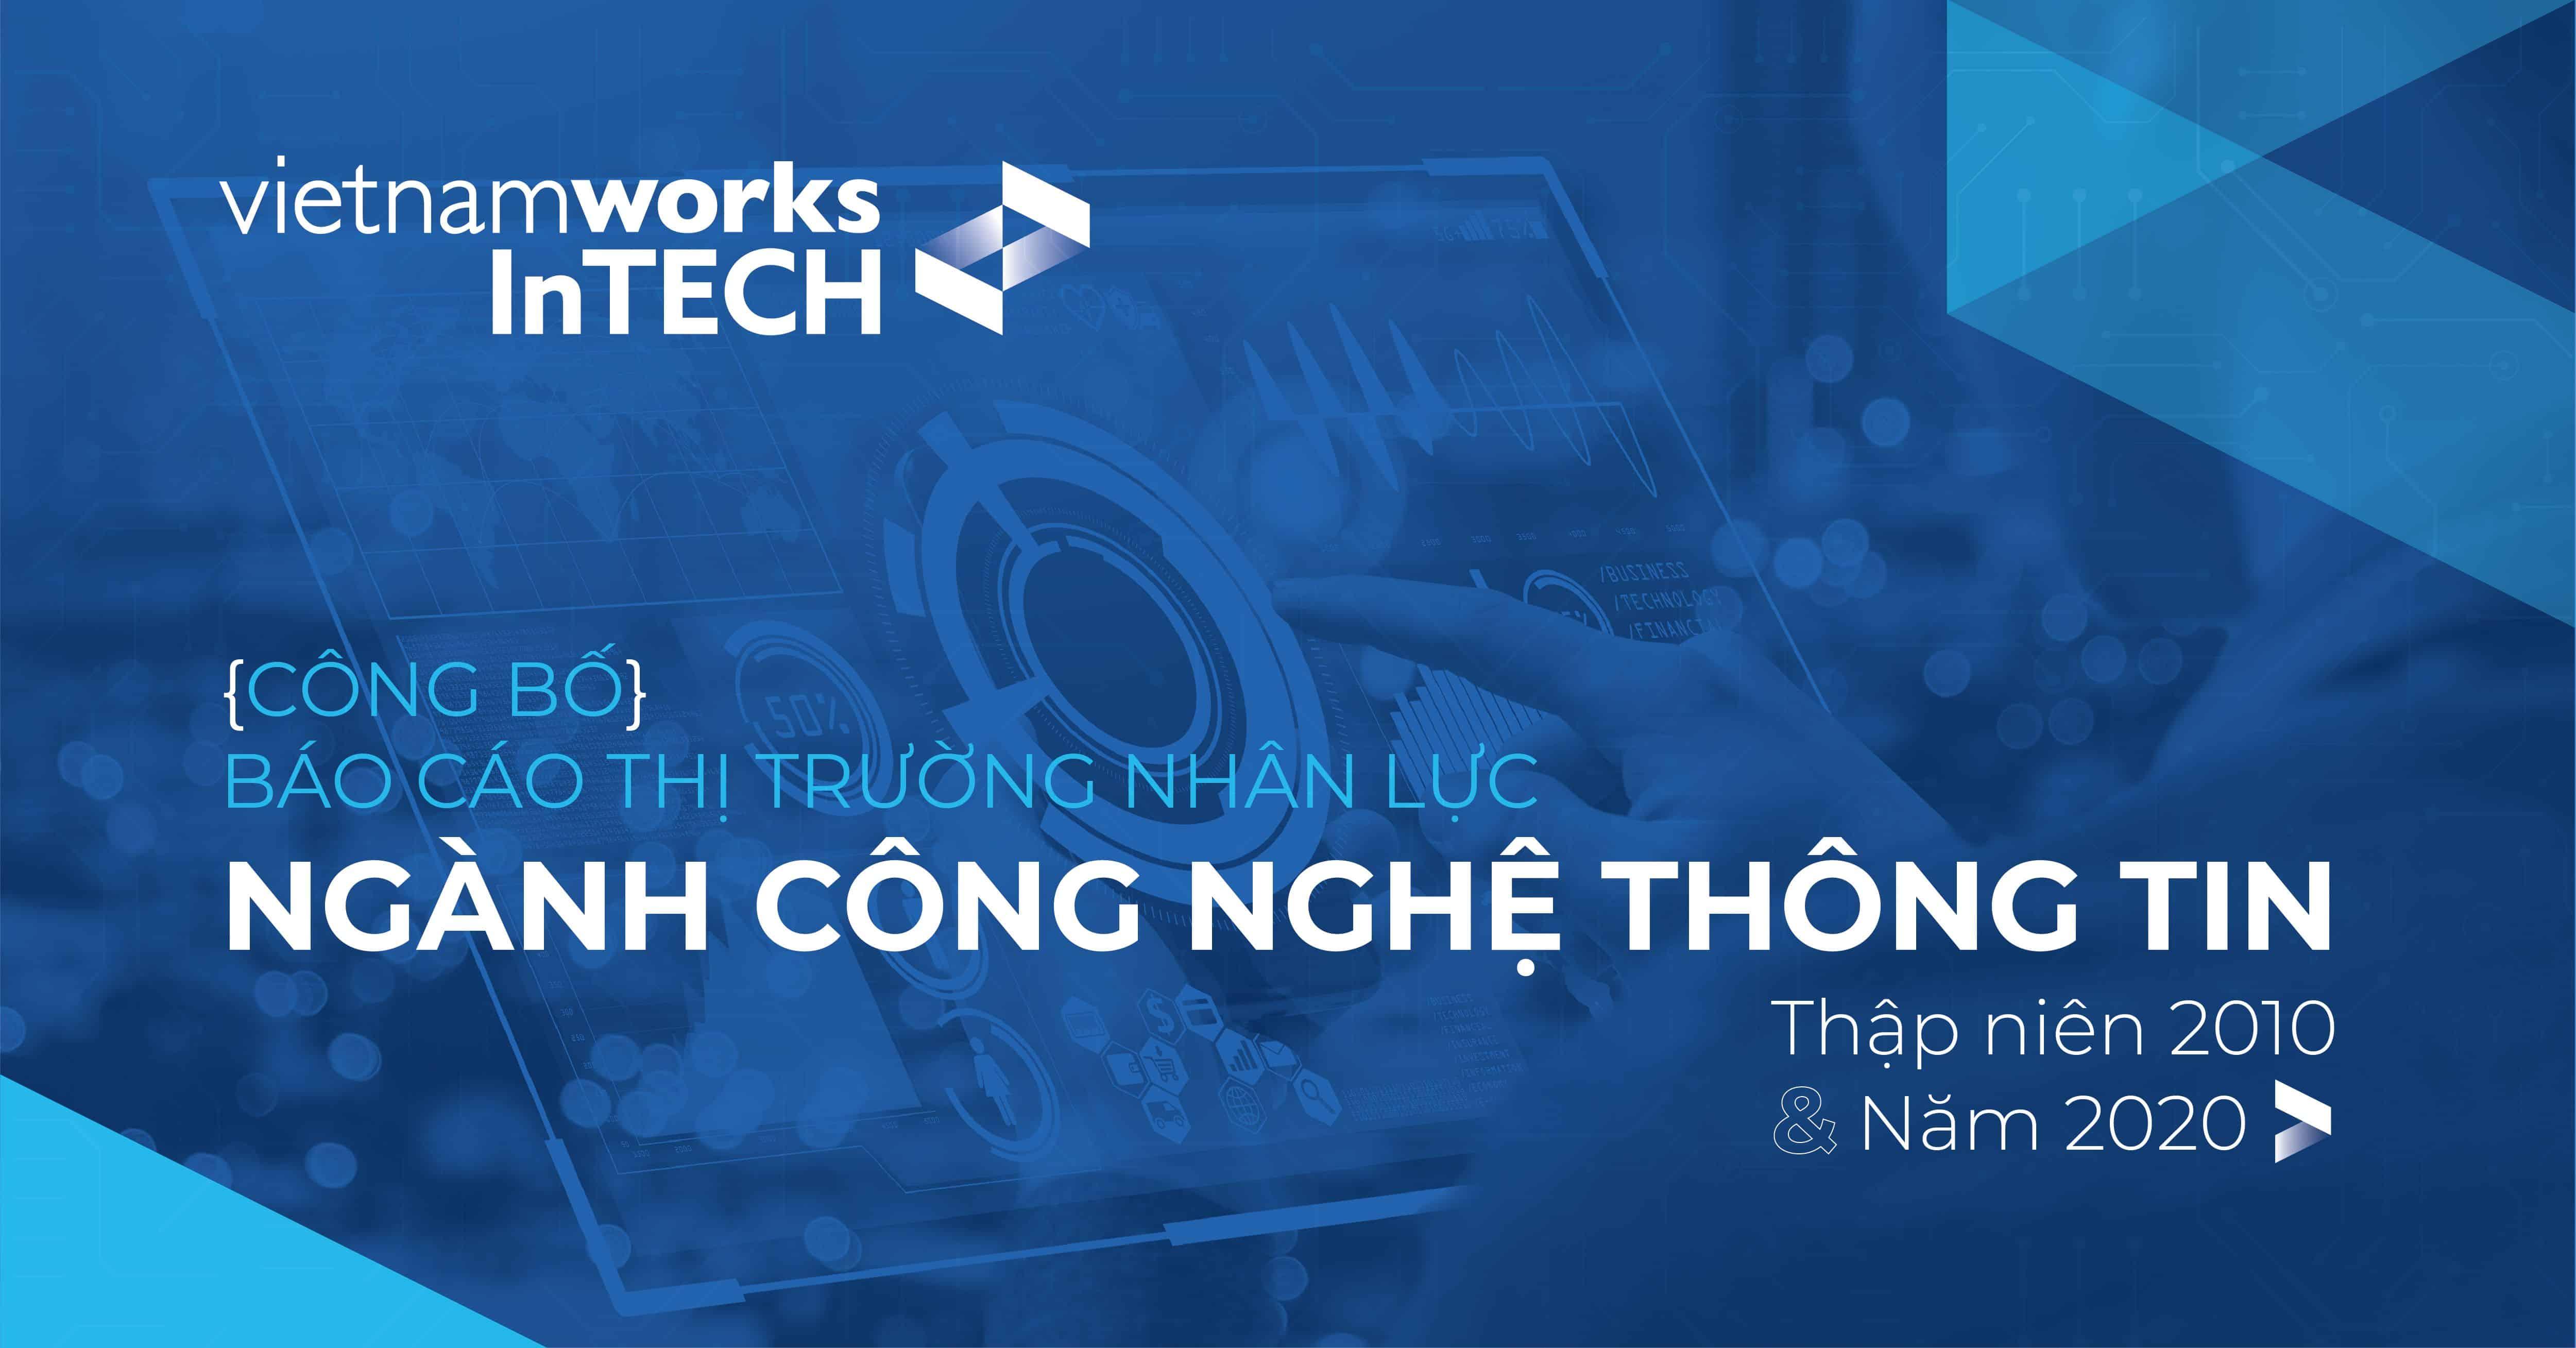 báo cáo thị trường nhân lực ngành CNTT VietnamWorks InTECH